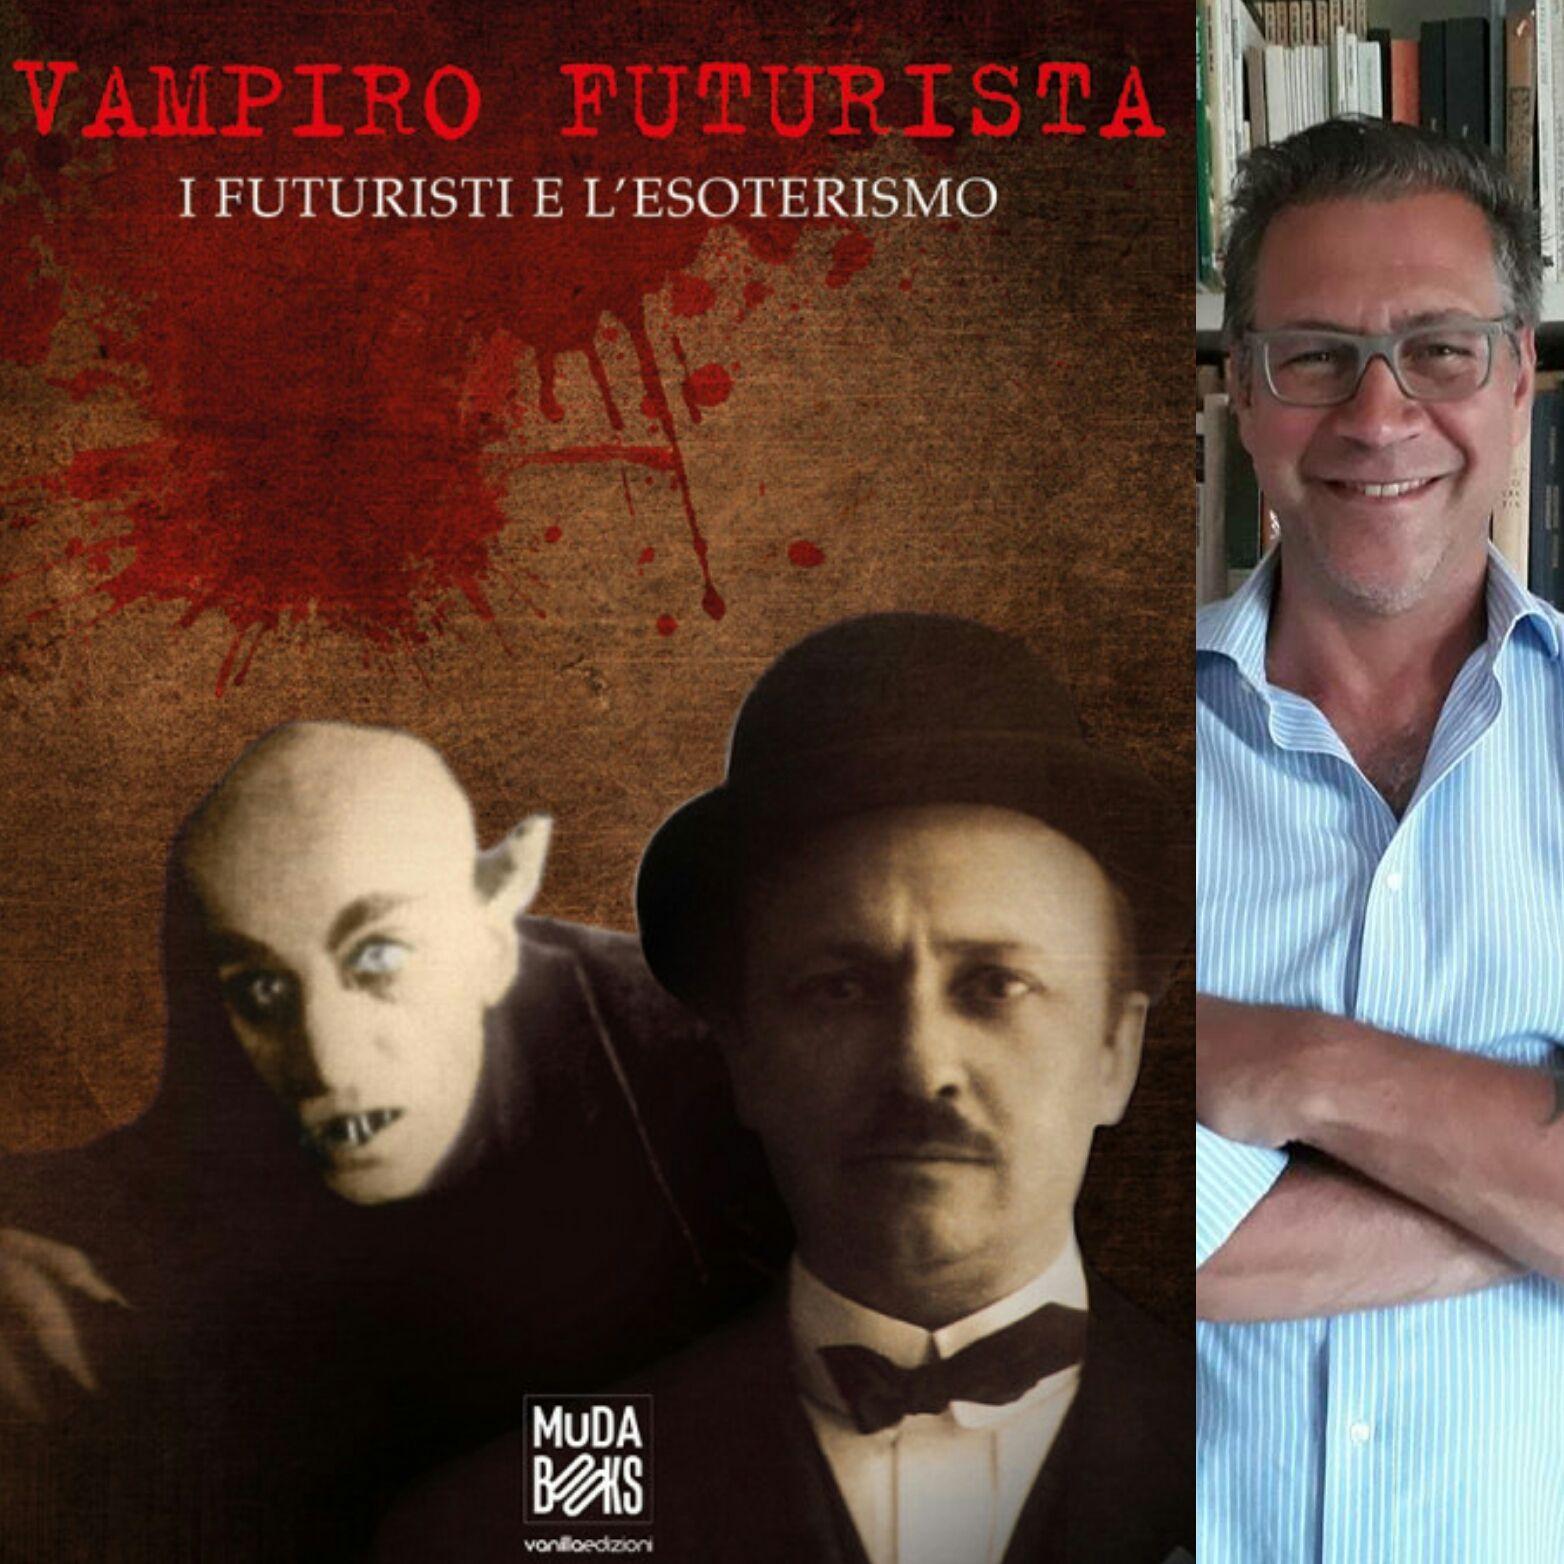 """Riflettori su: """"Vampiro Futurista"""" di Guido Andrea Pautasso"""